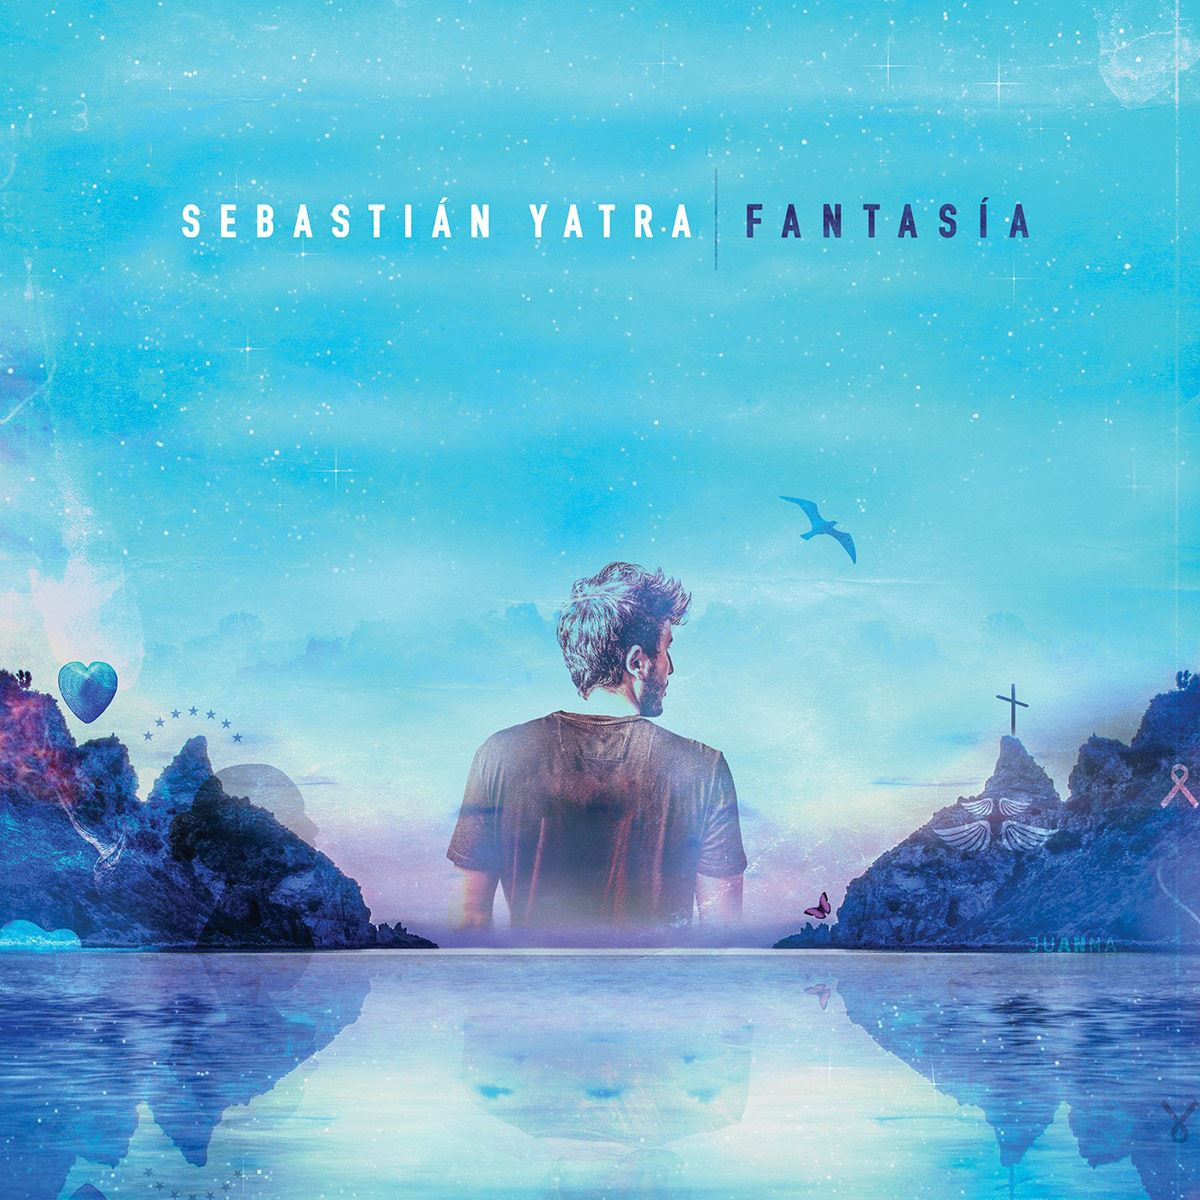 Sebastián Yatra - Fantasía